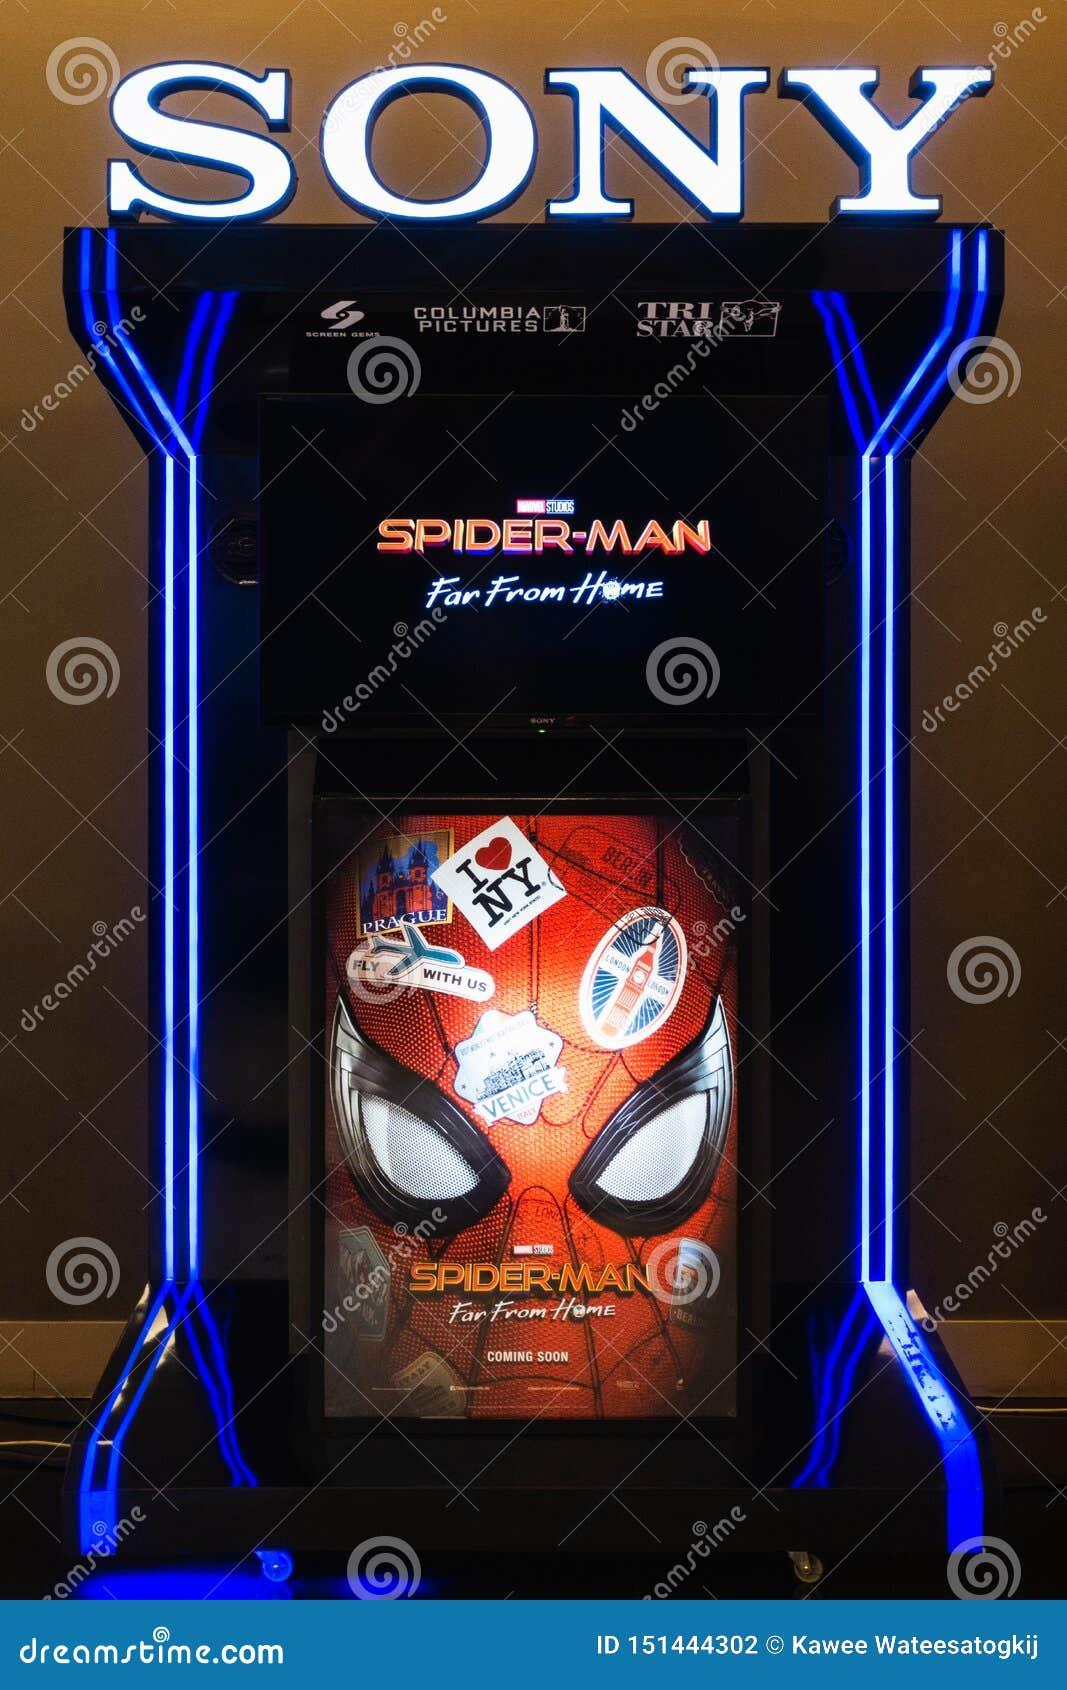 m.a.s.k movie 2019 trailer Bangkok Thailand Jun 24 2019 Spider Man Far From Home